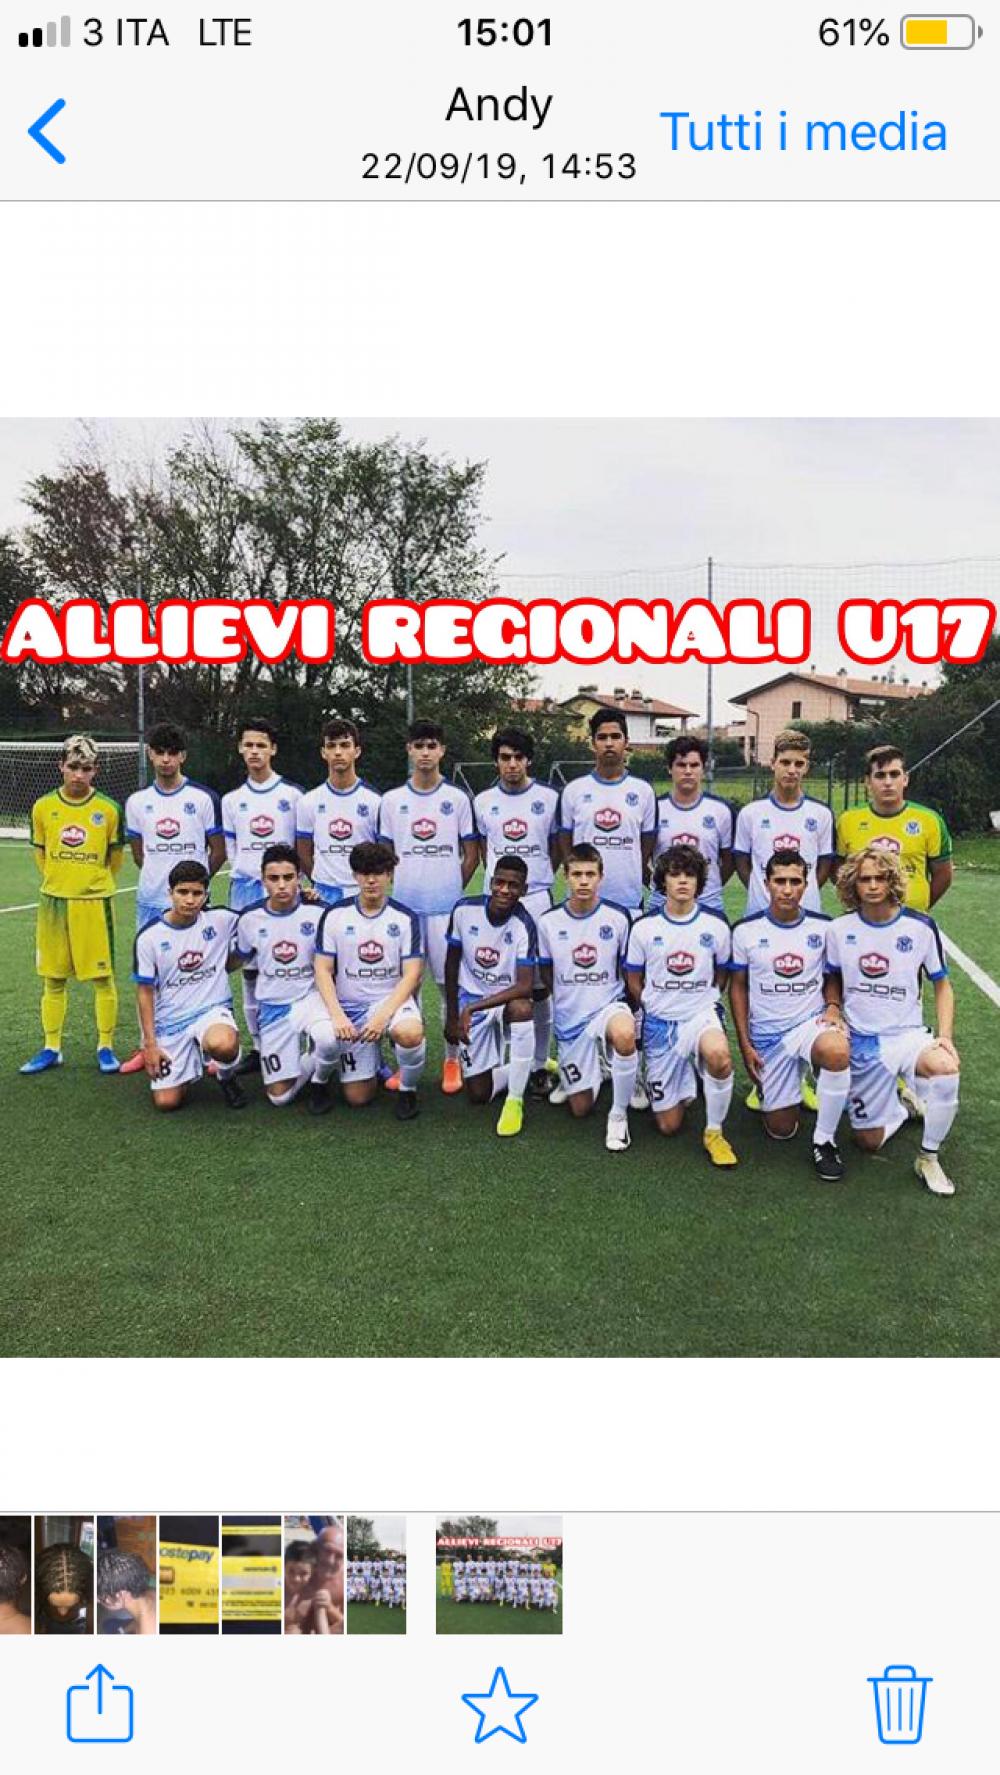 Via Durighello Desenzano Del Garda sporting desenzano - scheda squadra - lombardia - allievi